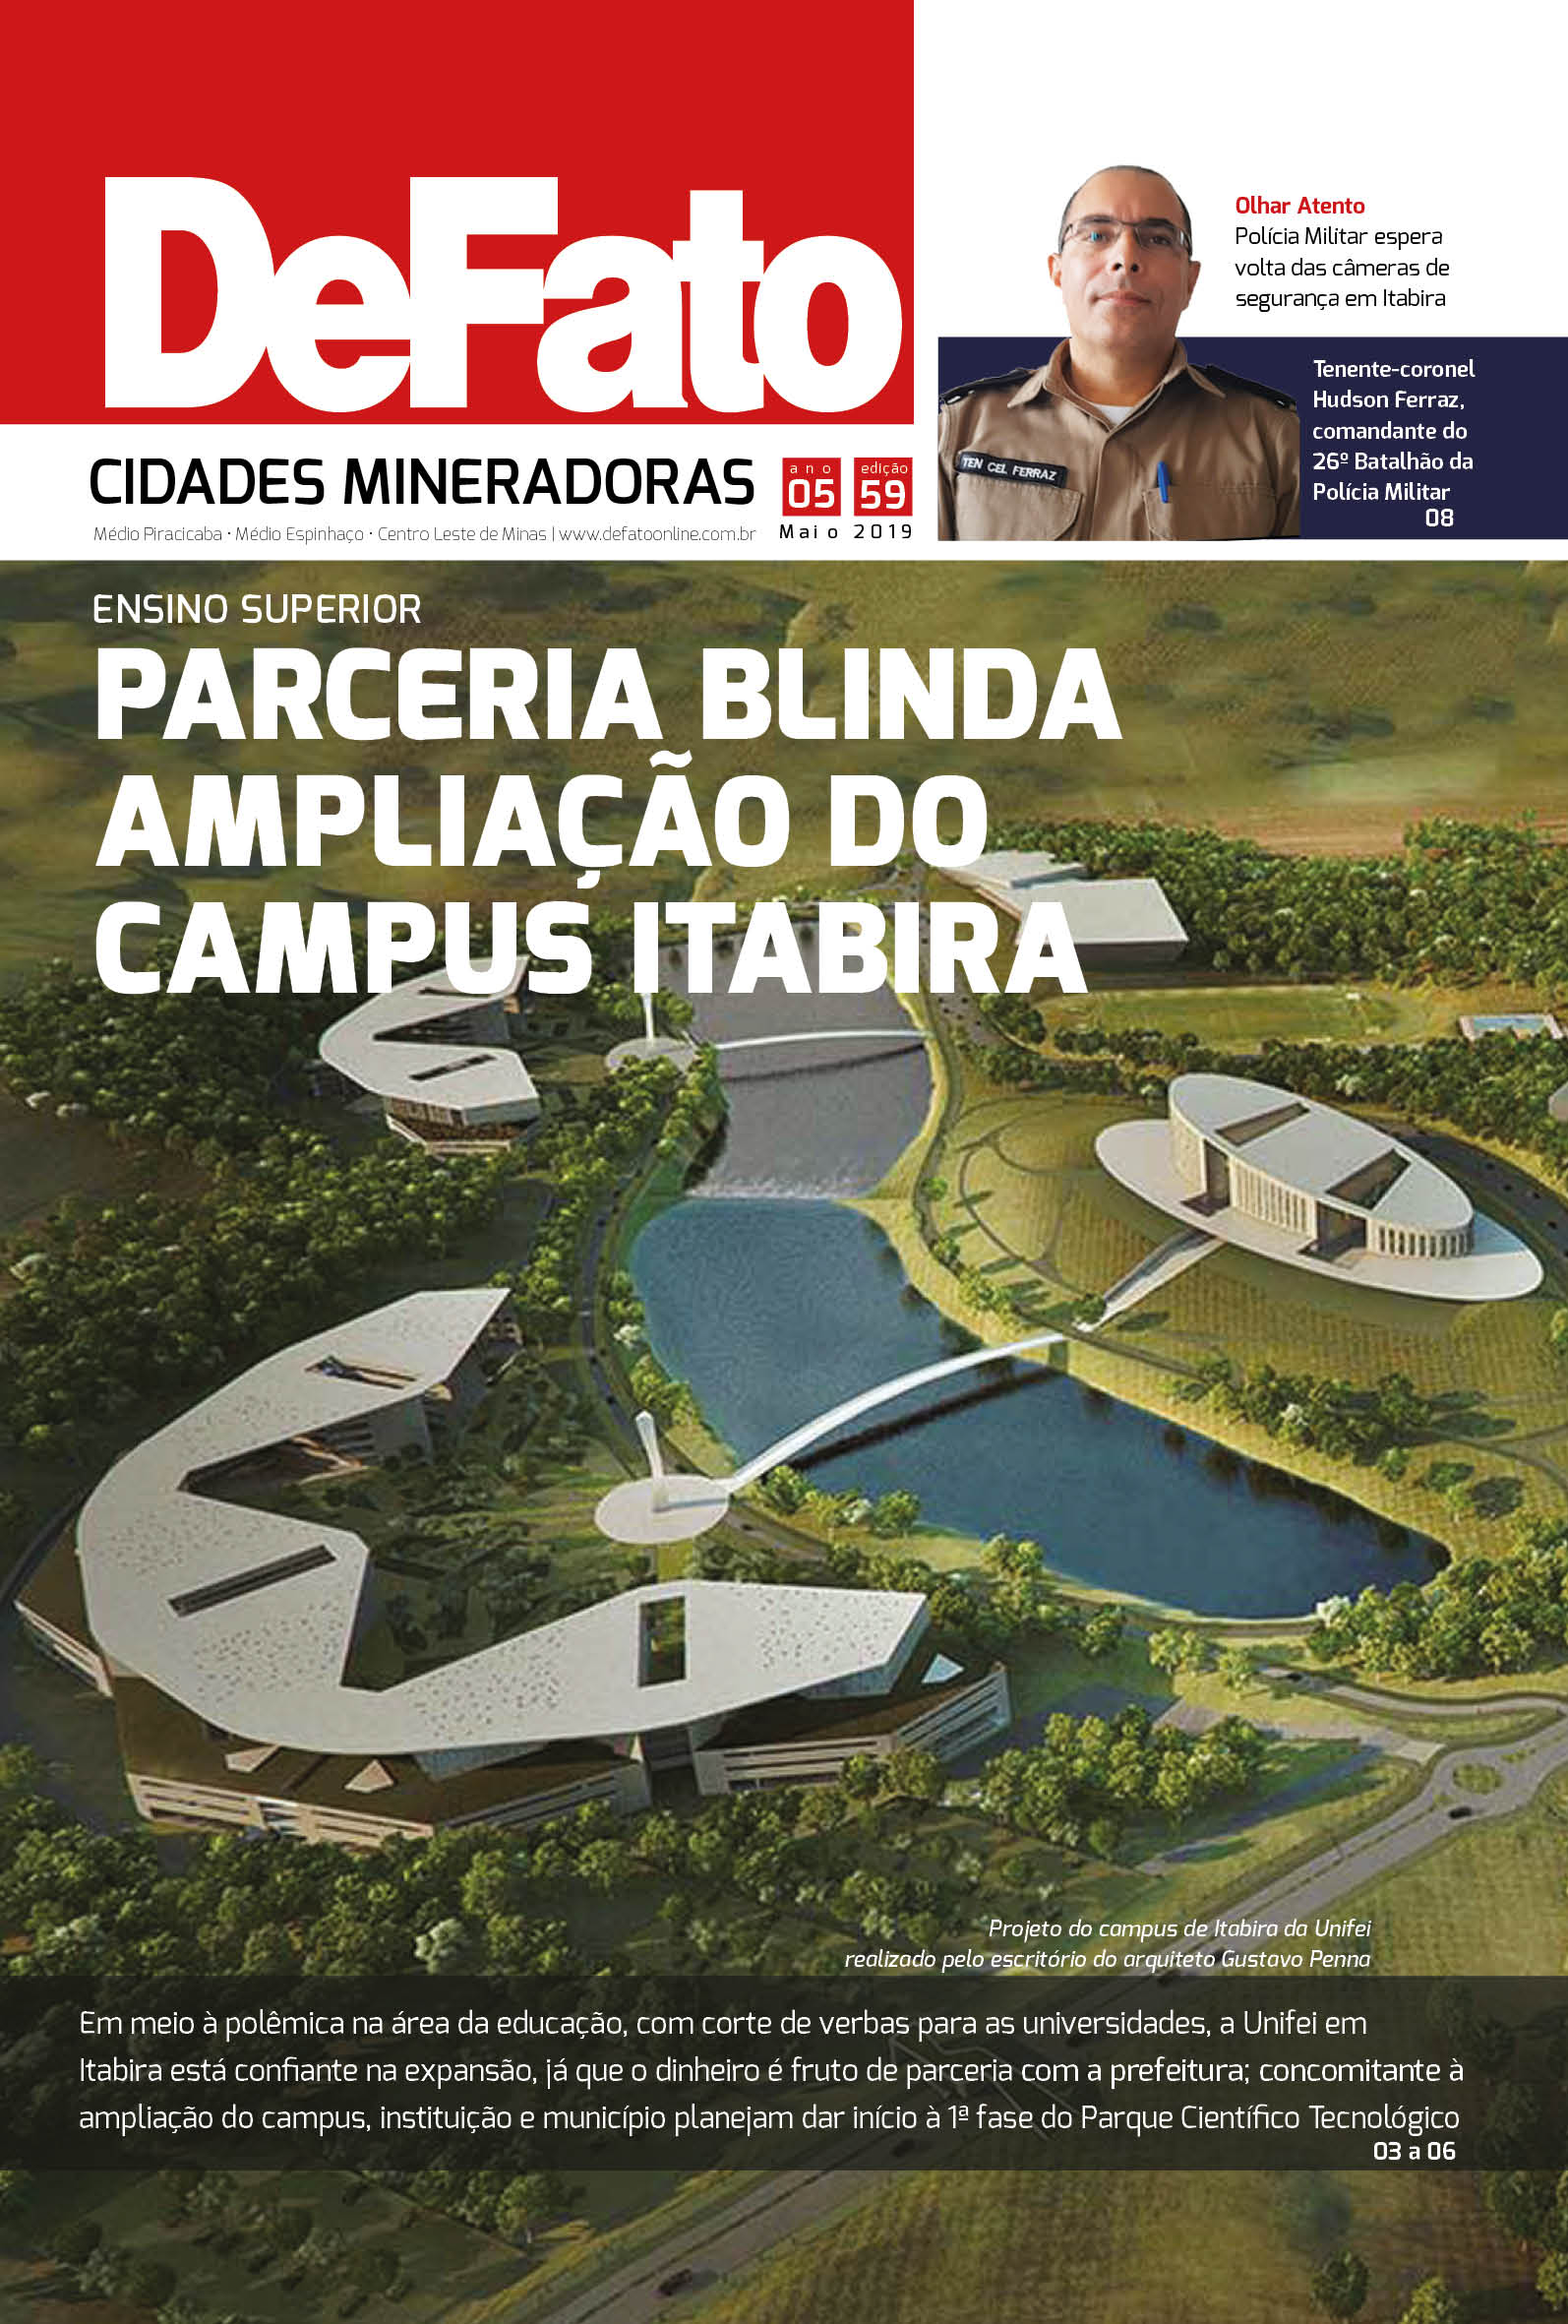 Jornal DeFato Cidades Mineradoras – Edição 59